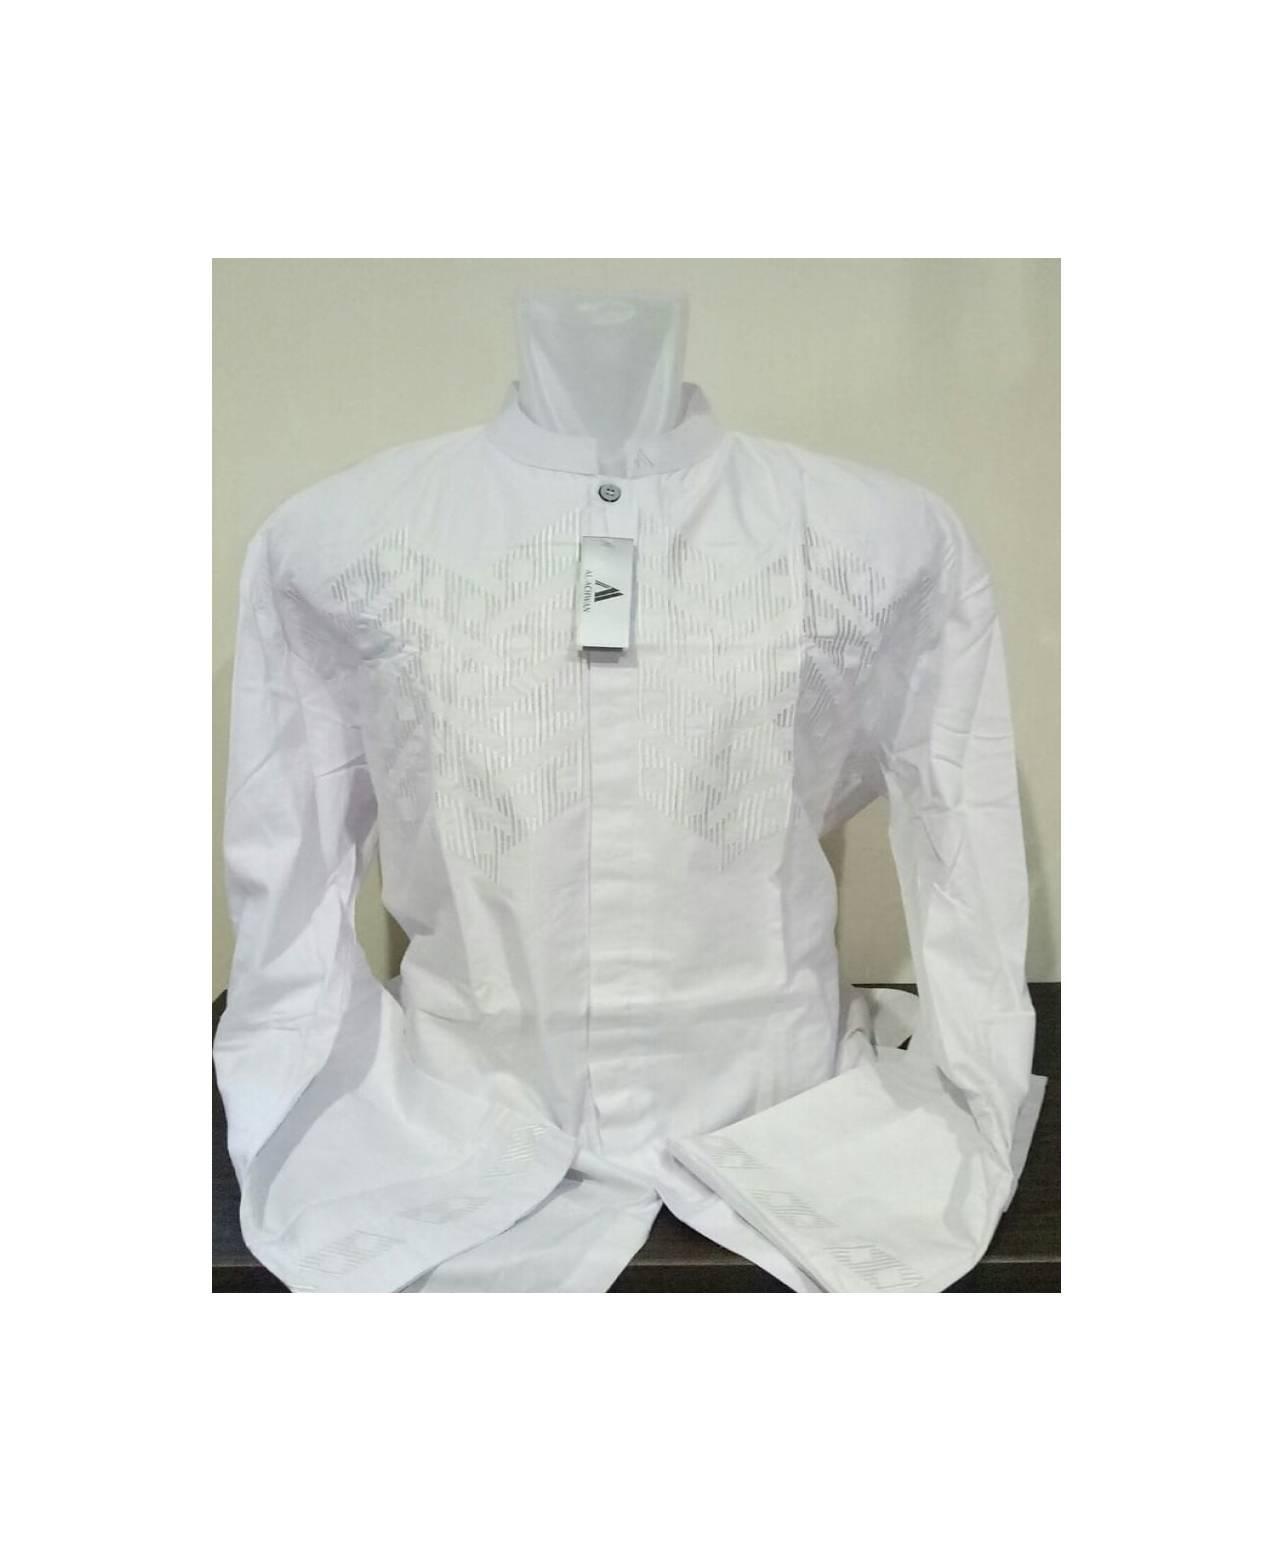 ... Baju Koko Pakaian Muslim Lengan Panjang BigSize XXL XXXL XXXXL Putih